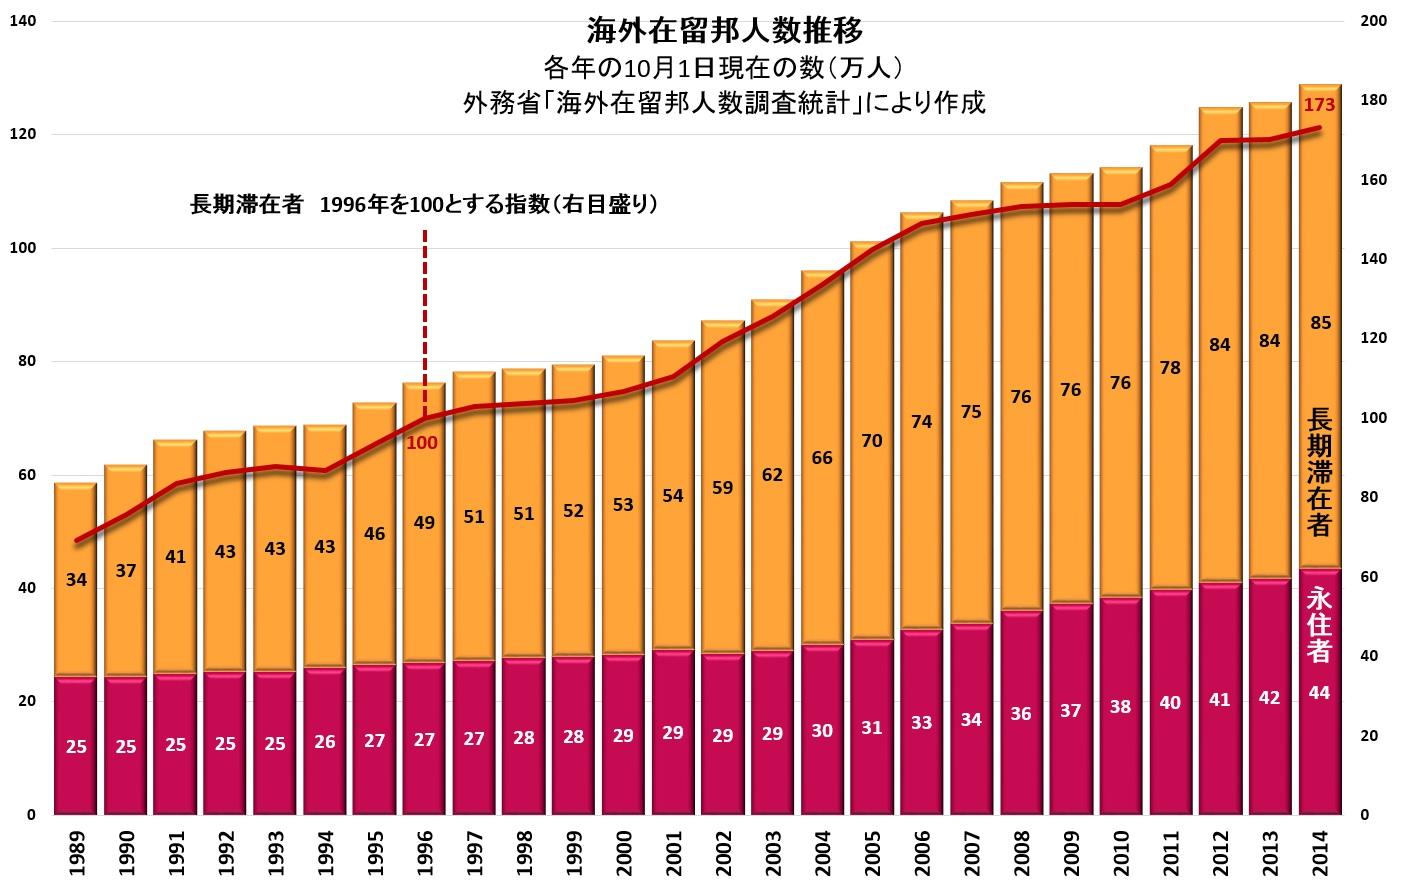 【人口】日本の人口、減少幅最大の30万人 東京圏集中も加速 人口動態調査1月1日時点、出生数は100万人割れ [無断転載禁止]©2ch.netYouTube動画>27本 ->画像>24枚